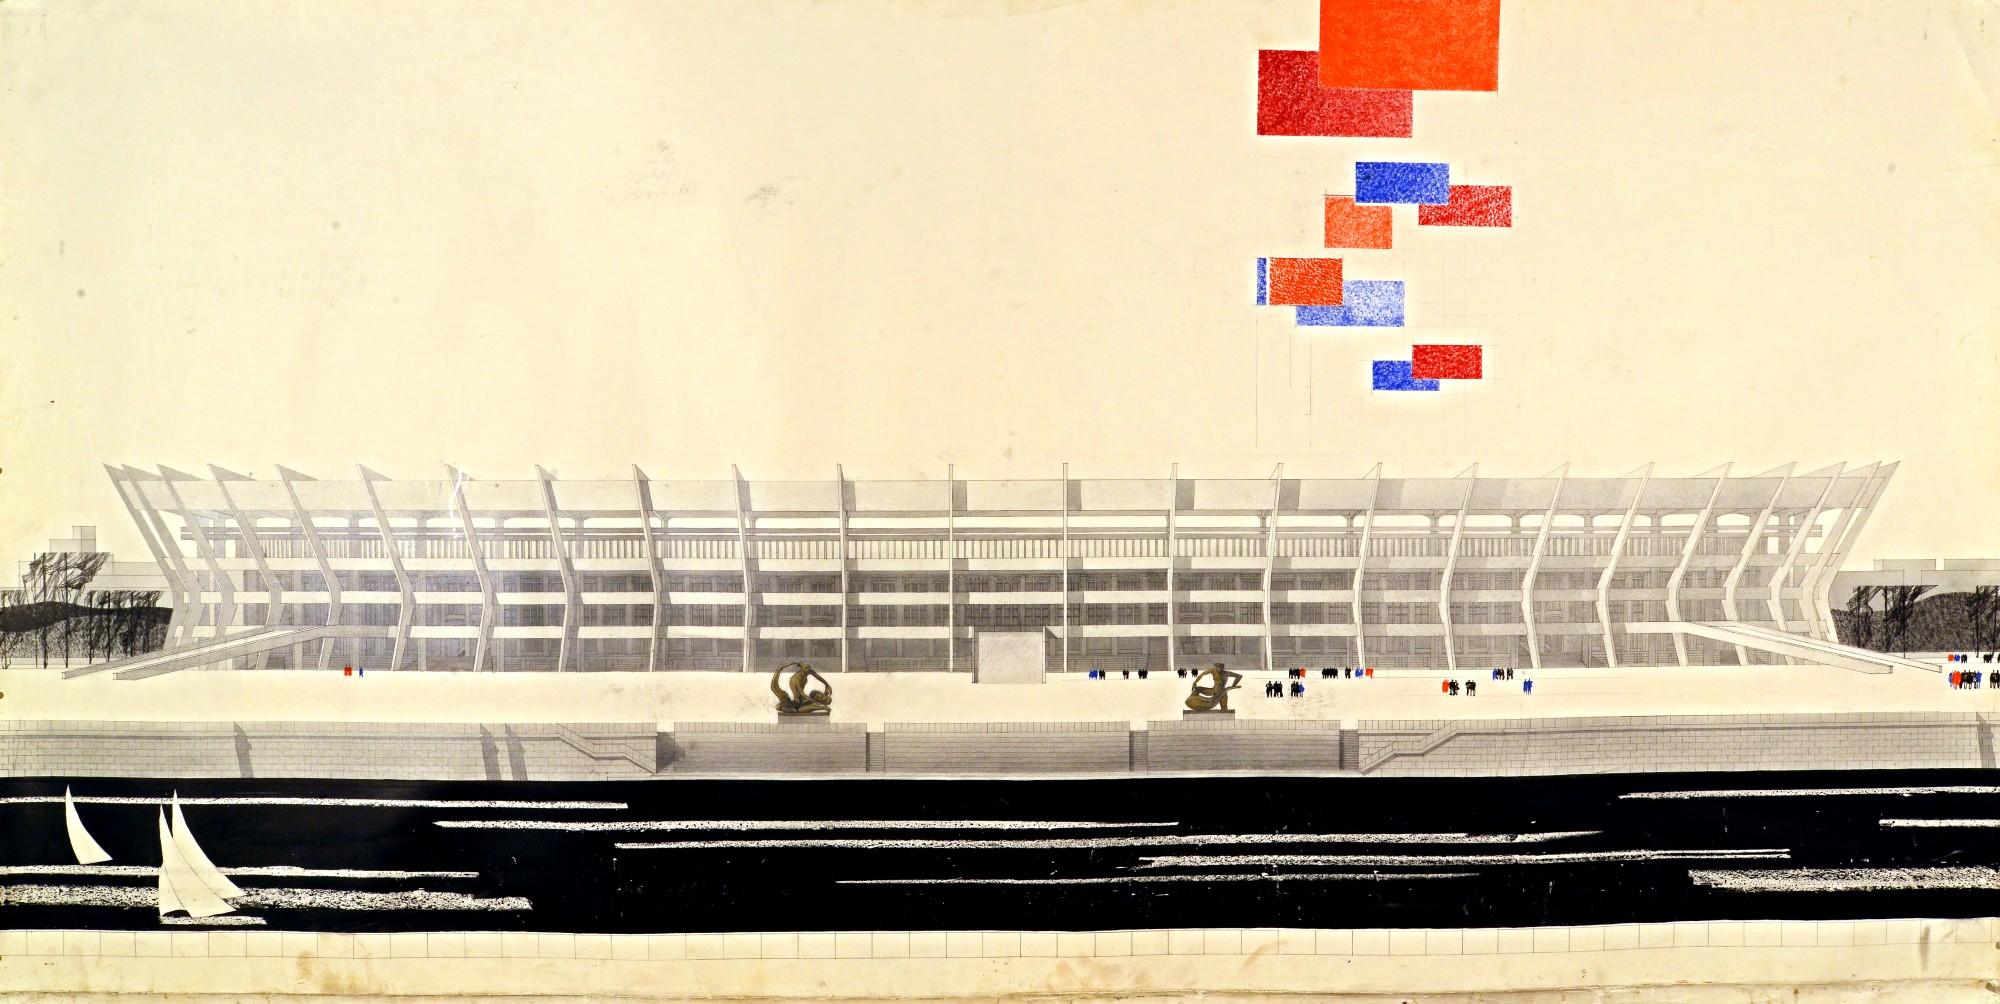 Архитектура стадионов. От авангарда к современности смотреть фото